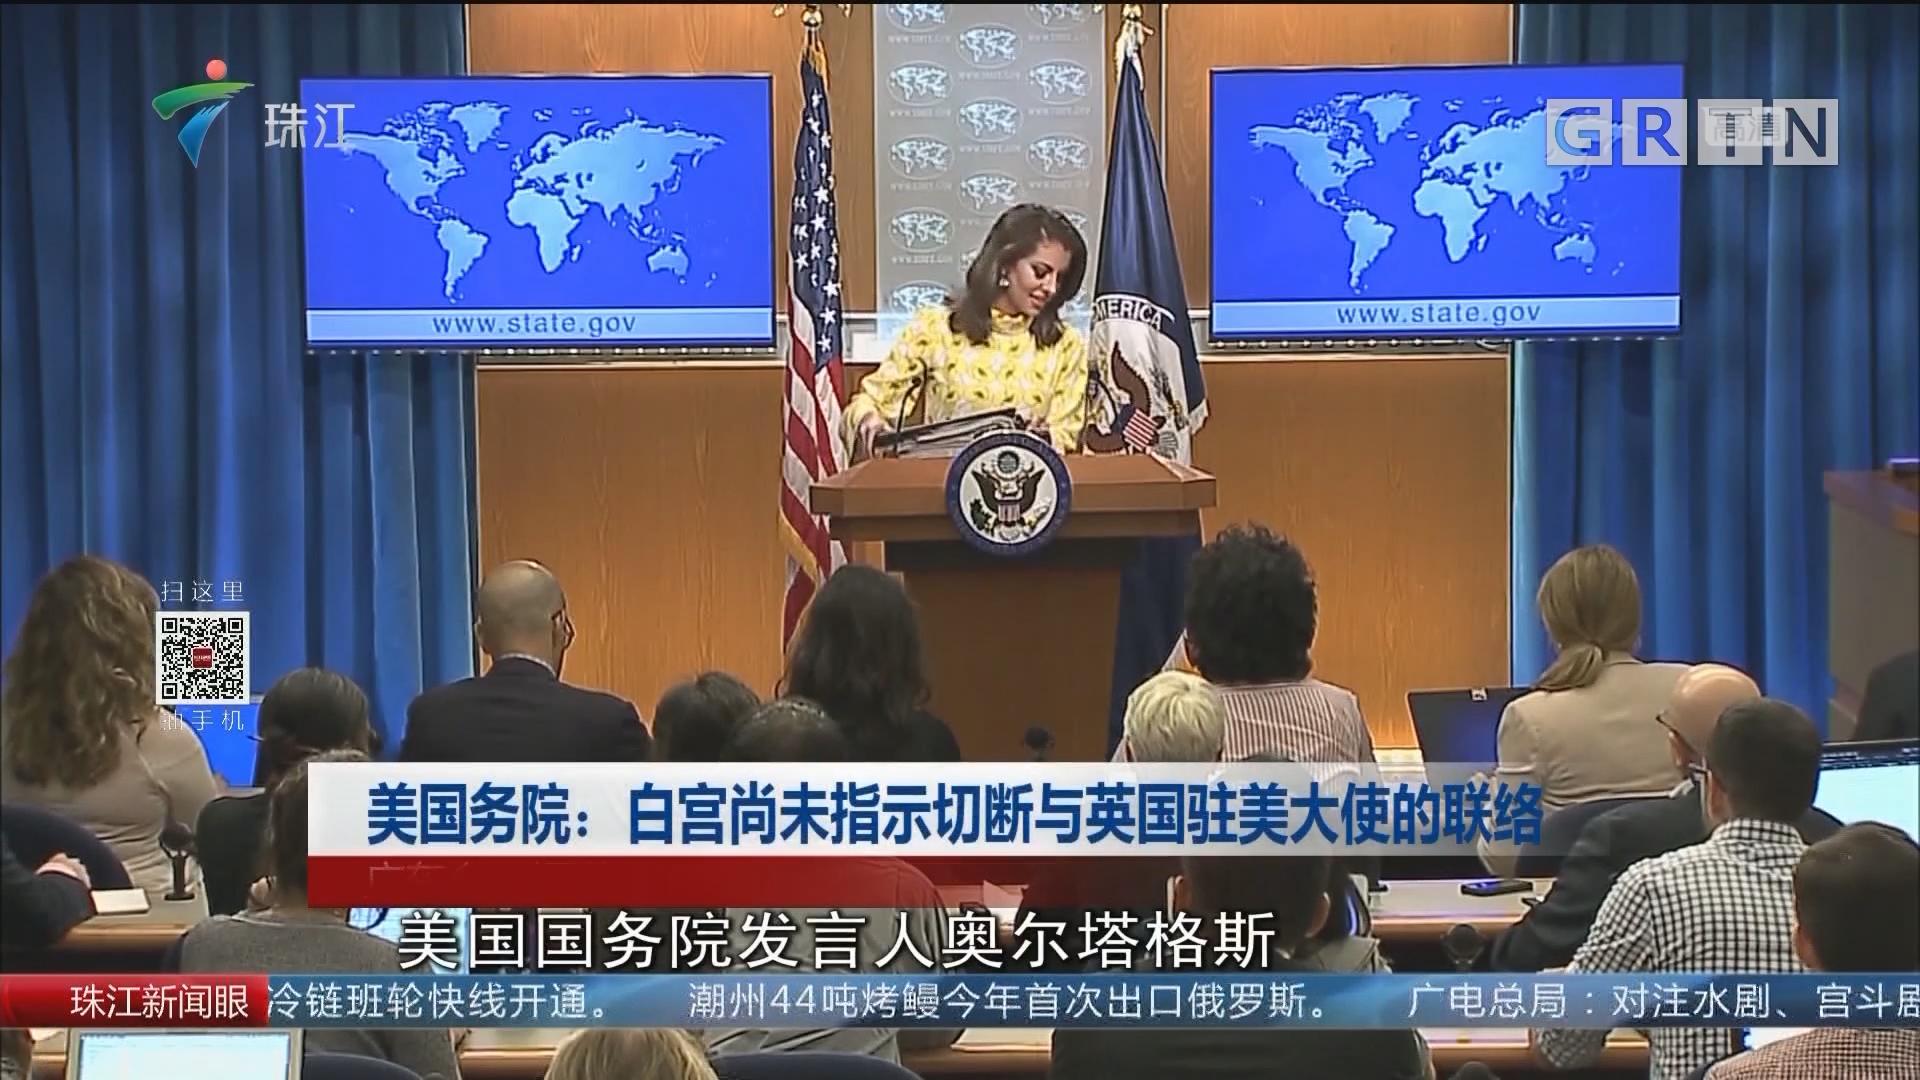 美国务院:白宫尚未指示切断与英国驻美大使的联络